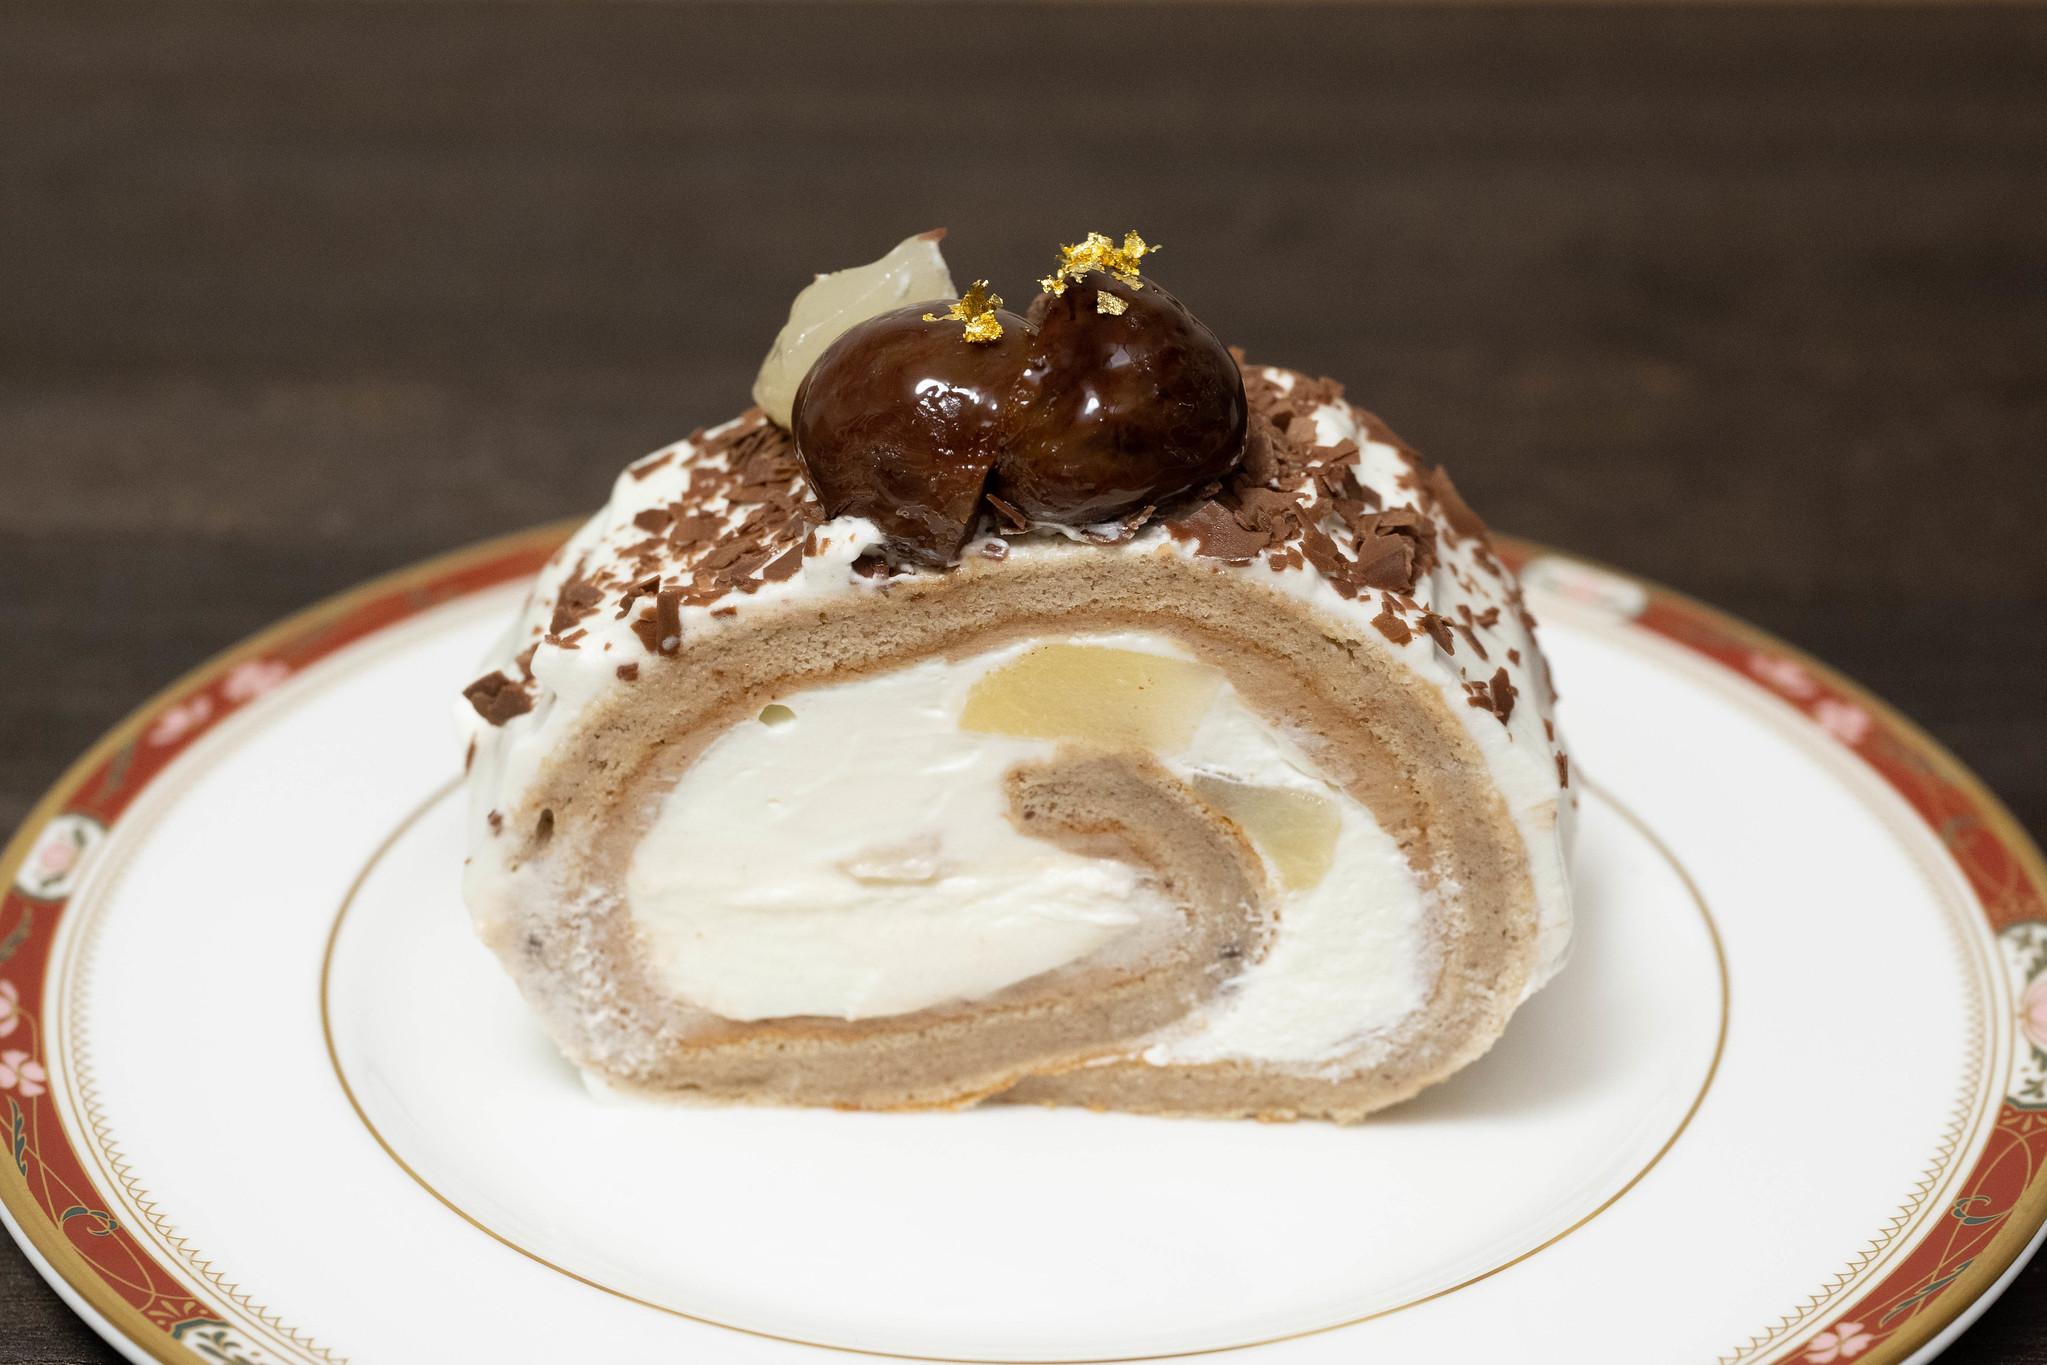 マロンと洋梨のロールケーキ